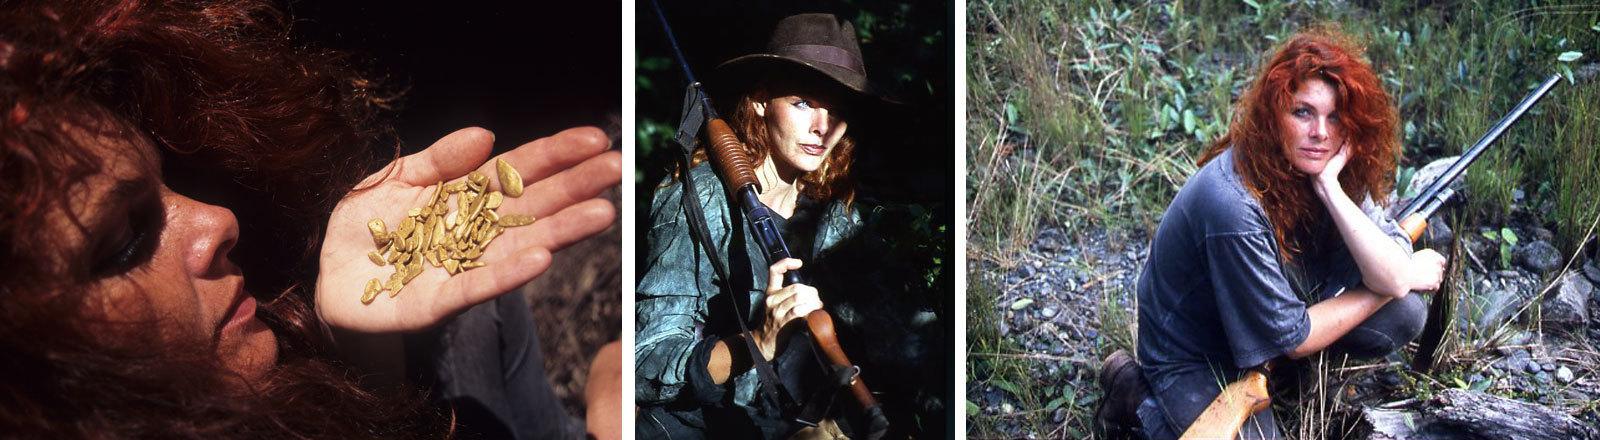 Ariane Golpira auf Goldsucher-Expedition